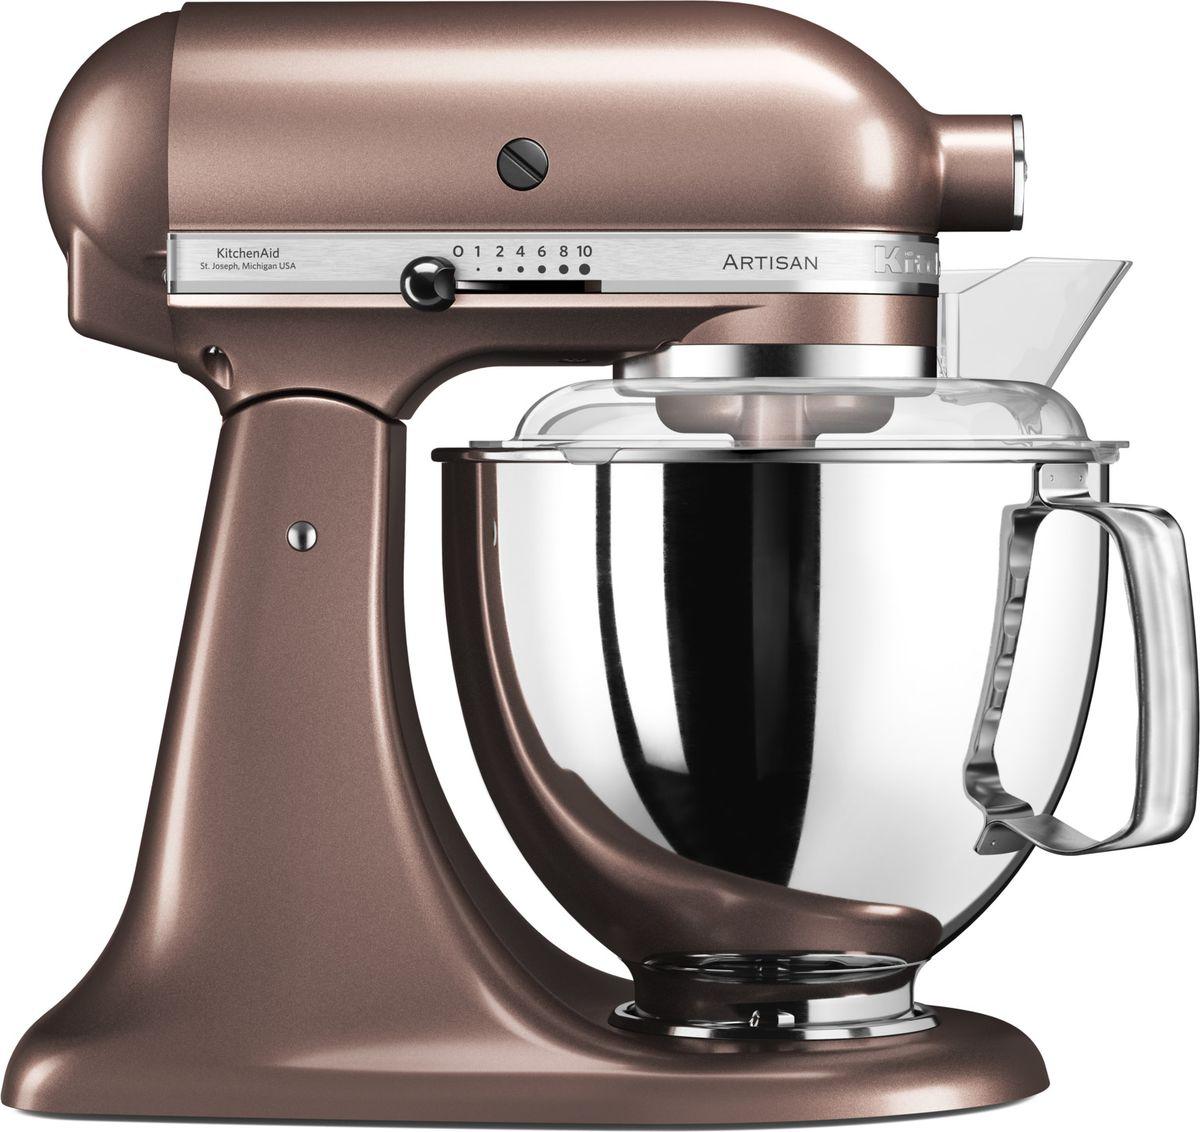 KitchenAid Artisan, Light Brown миксер планетарный (5KSM175PSEAP)5KSM175PSEAPМиксер KitchenAid Artisan - это уникальное многофункциональное устройство, практически не имеющее аналогов на рынке техники для дома и кухни. Сочетание классического элегантного дизайна и высокой мощности, соответствующей стандартам профессионального оборудования, делает этот миксер фаворитом не только на домашней кухне, но и на рабочем столе мастеров поварского искусства. Откидывающаяся головка миксера KitchenAid Artisan позволяет легко менять насадки и устанавливать чашу. Миксер имеет 10 скоростных режимов, от медленного смешивания до высокоскоростного взбивания. Базовая комплектация миксера включает: чашу объемом 4,83 литра, крюк для теста, венчик для взбивания, насадку- лопатку для перемешивания, крышку для чаши и защитный обод с воронкой для засыпания продуктов. Этого набора достаточно, чтобы миксер успешно выполнял базовые функции. В передней части привода миксера KitchenAid имеется еще одно гнездо для подсоединения дополнительных насадок....